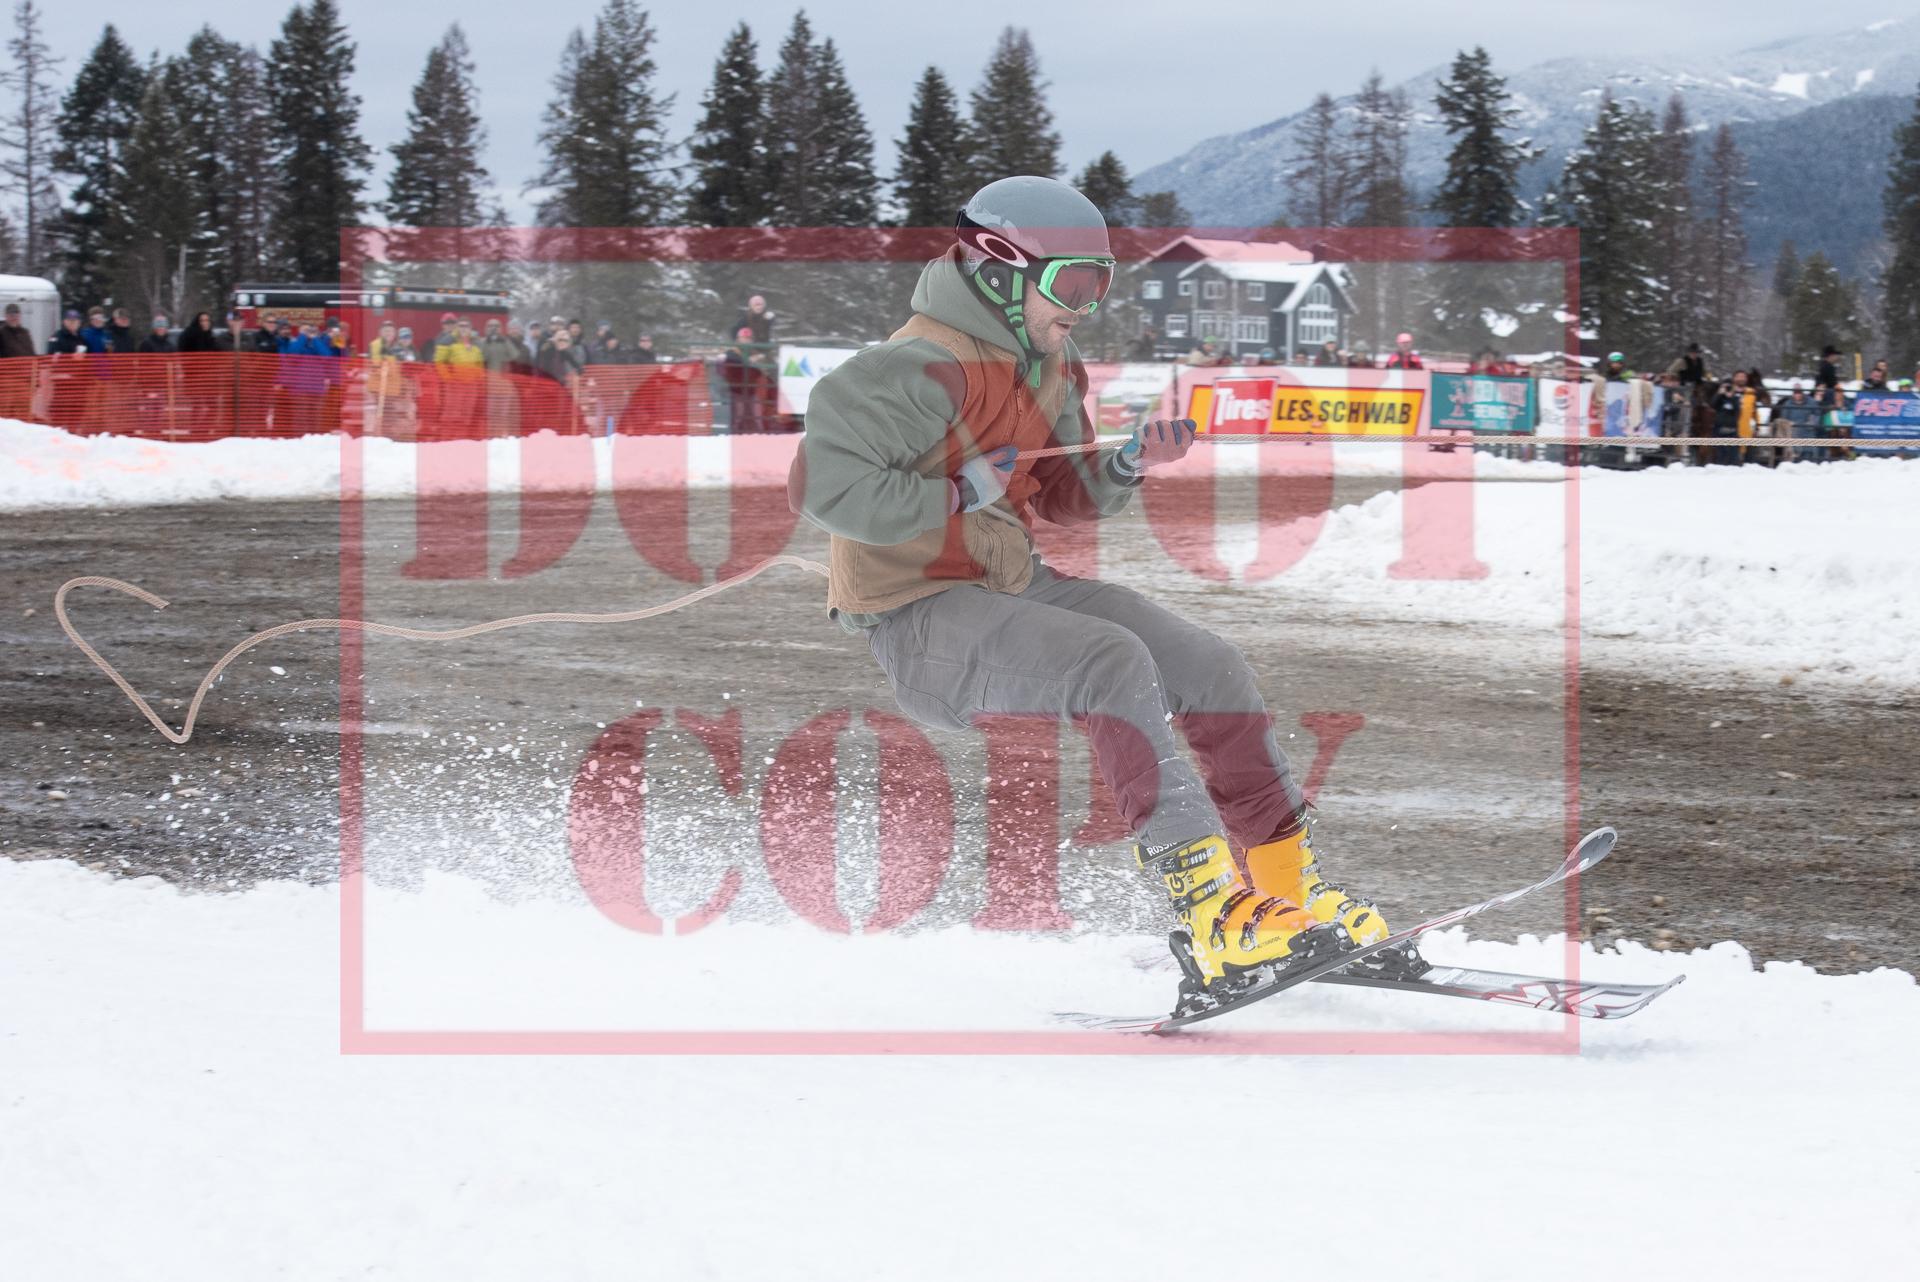 - Nicholas Schatz - Sport 5